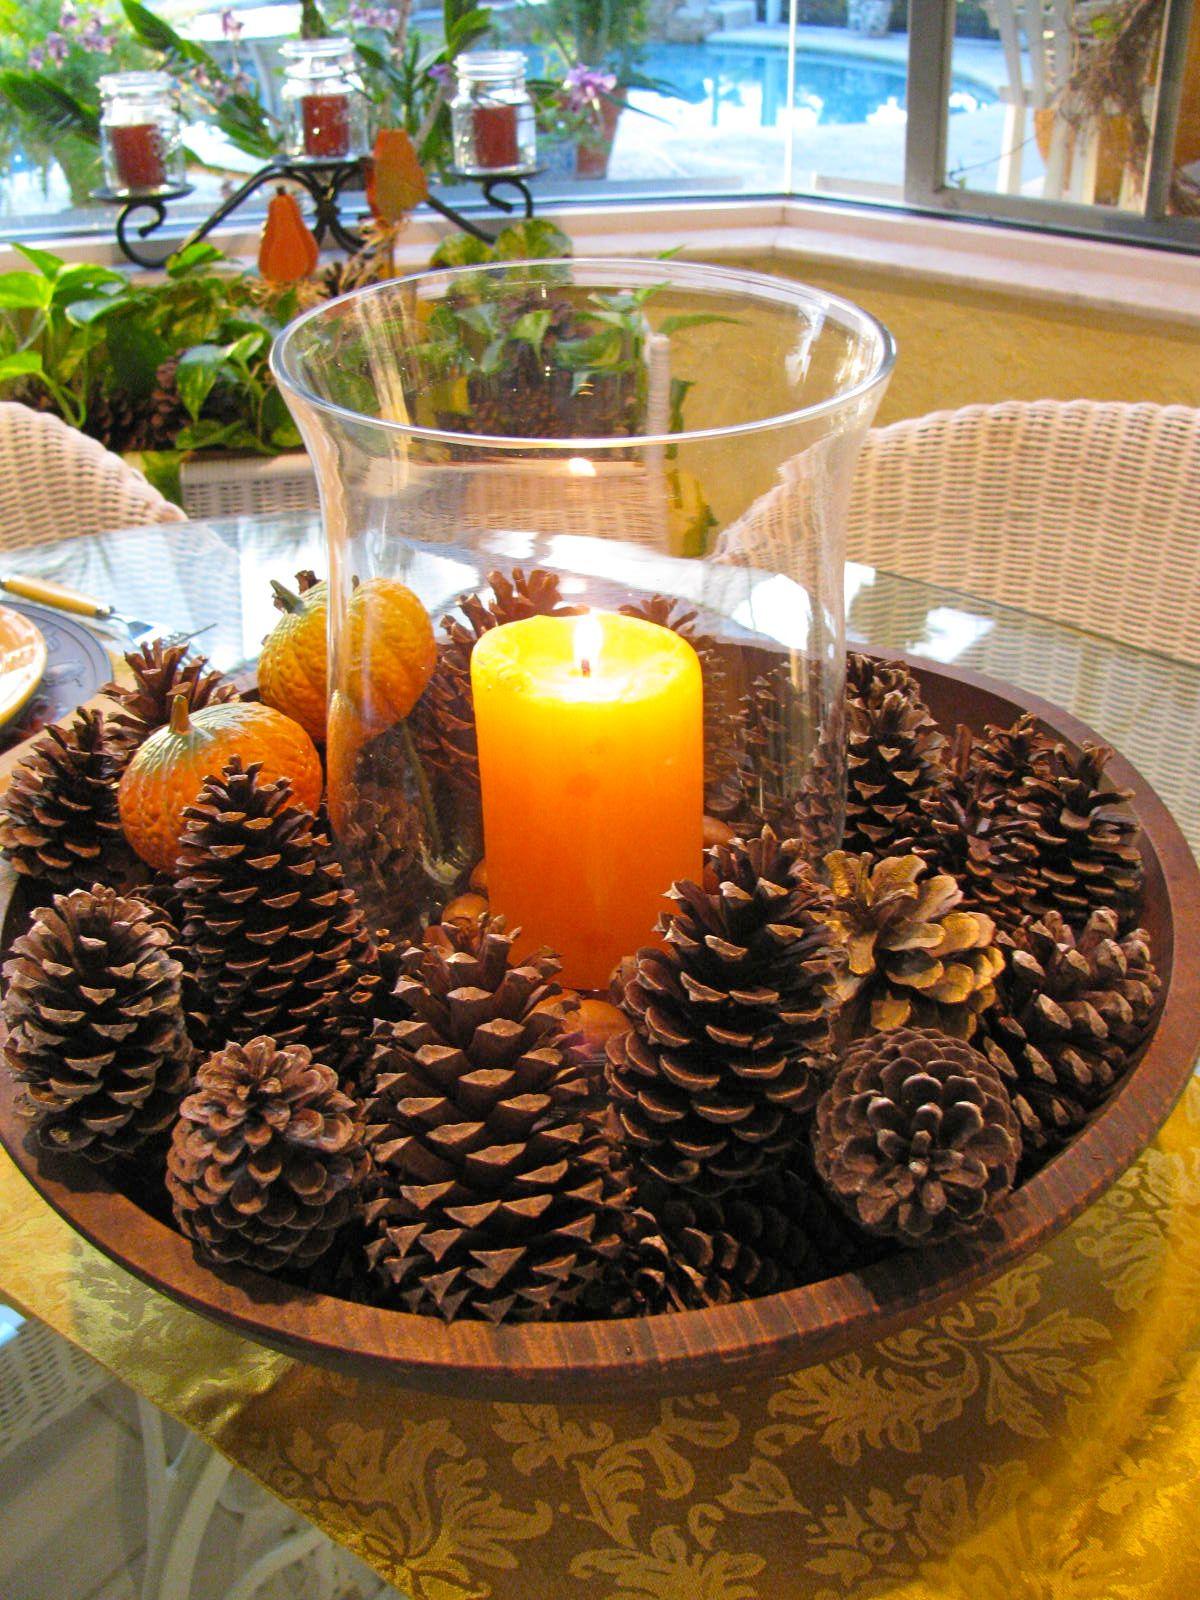 Bastelideen für Weihnachten, die Sie unbedingt lesen sollen!